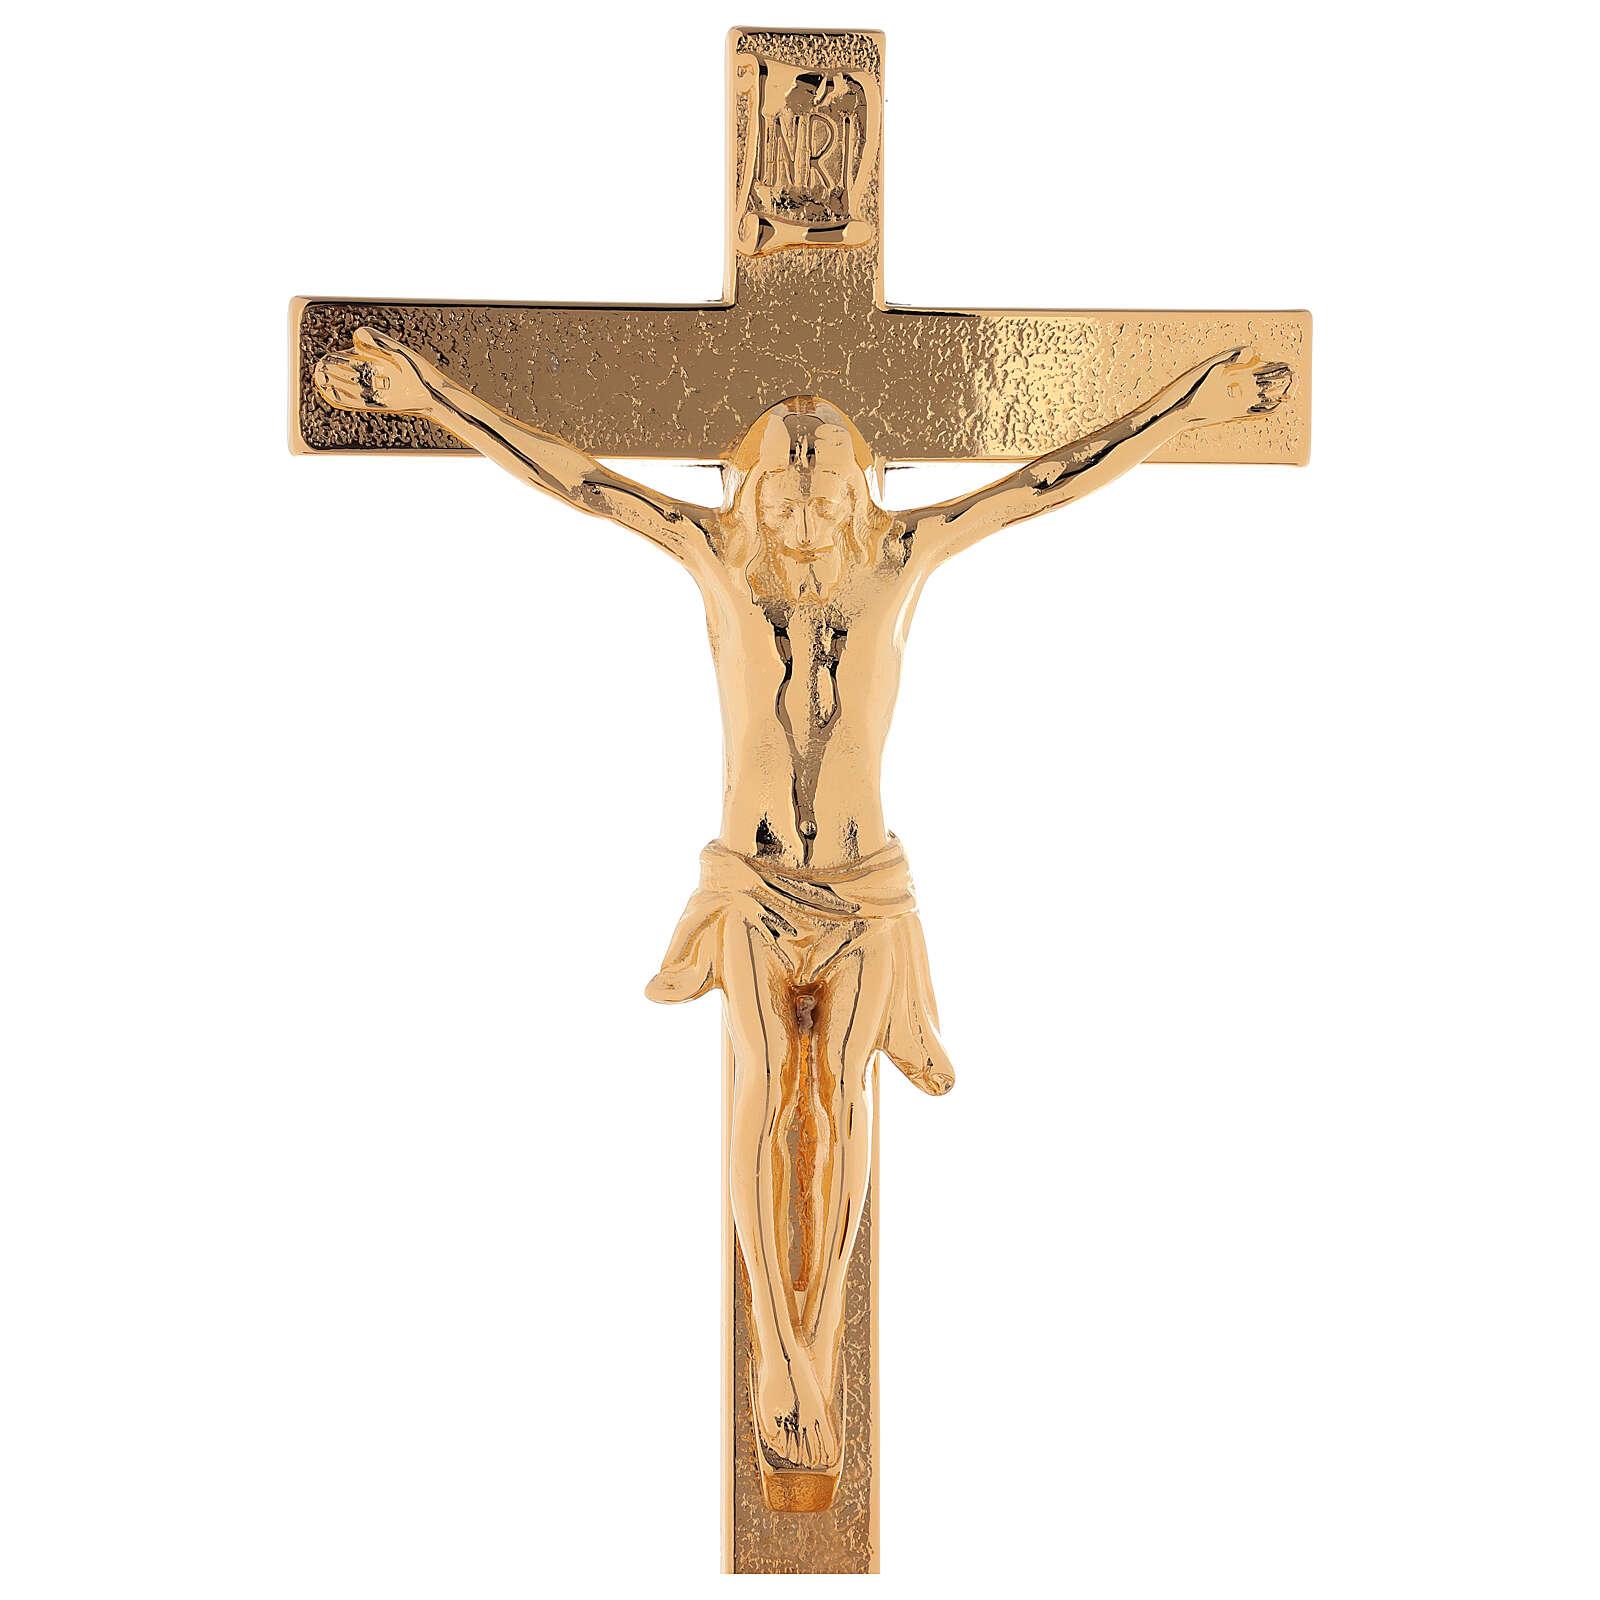 Completo de altar cruz con candeleros latón dorado 24k motivo en la base 4